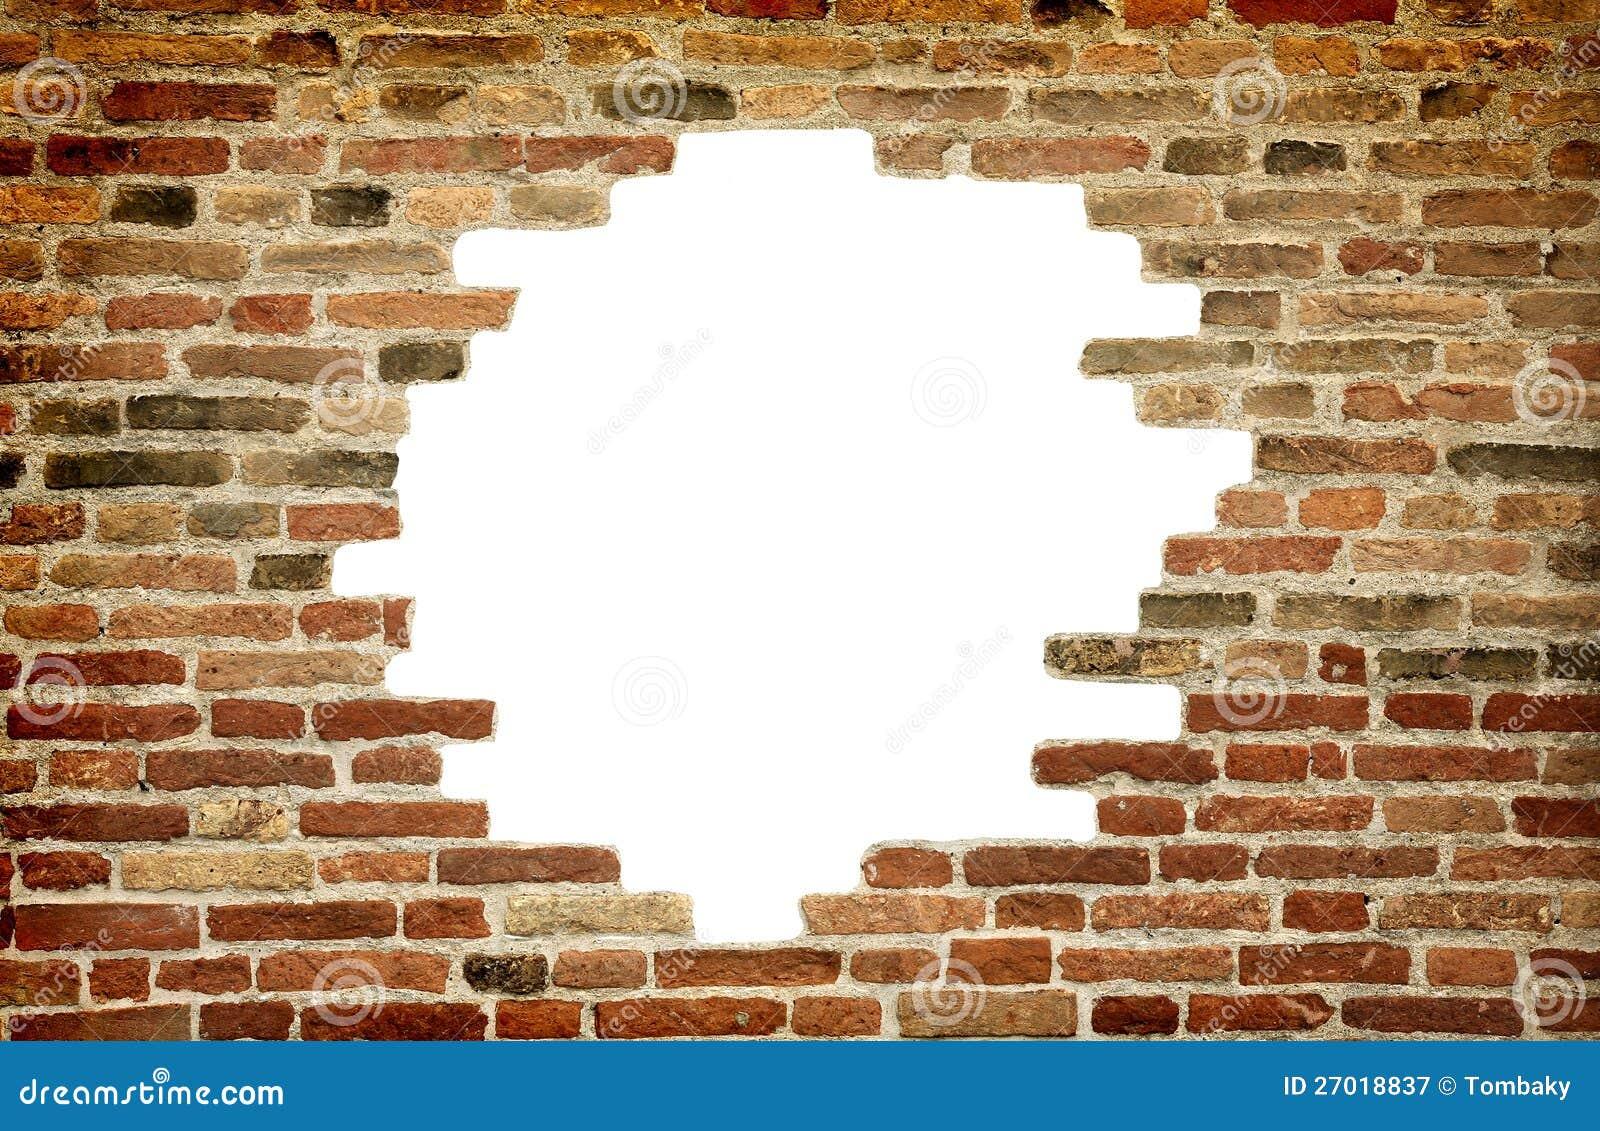 Agujero blanco en la pared vieja marco del ladrillo - Agujero en la pared ...